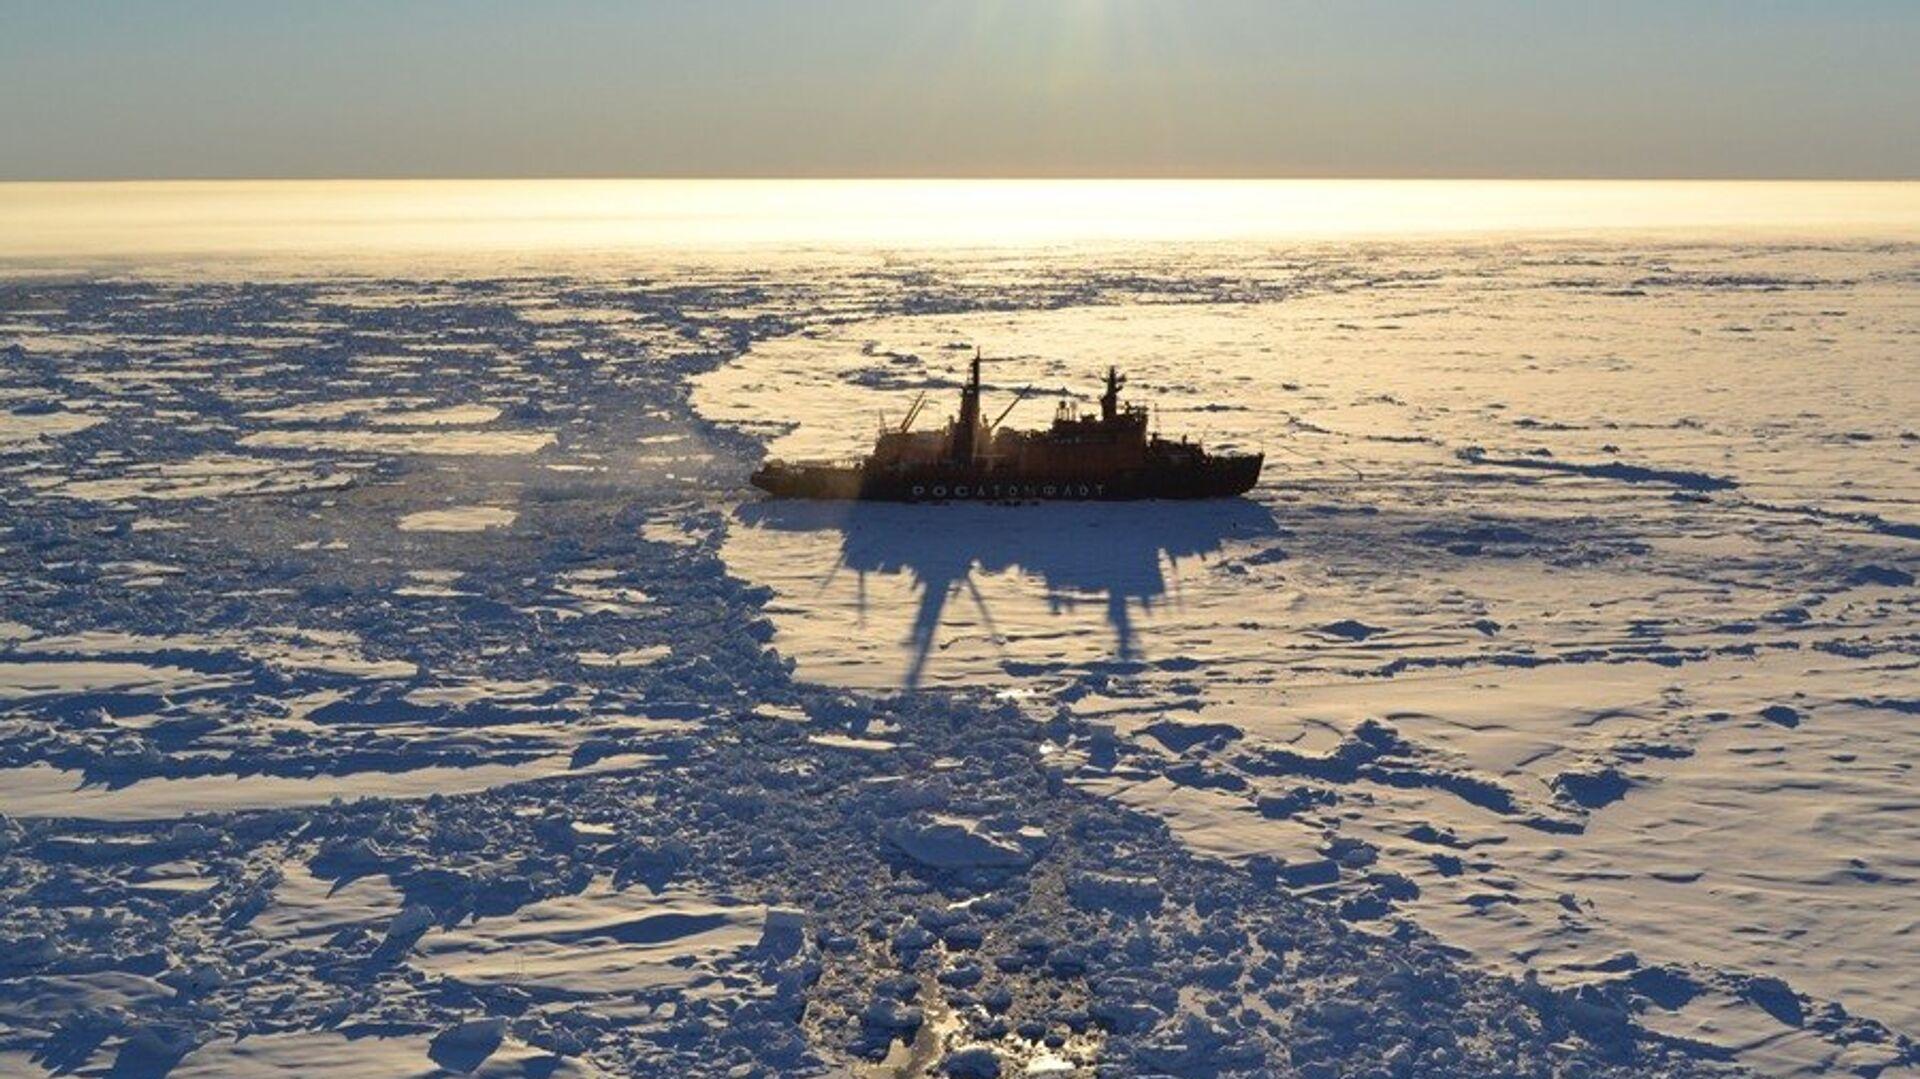 Экспедиция Арктика-2012 - РИА Новости, 1920, 15.09.2020